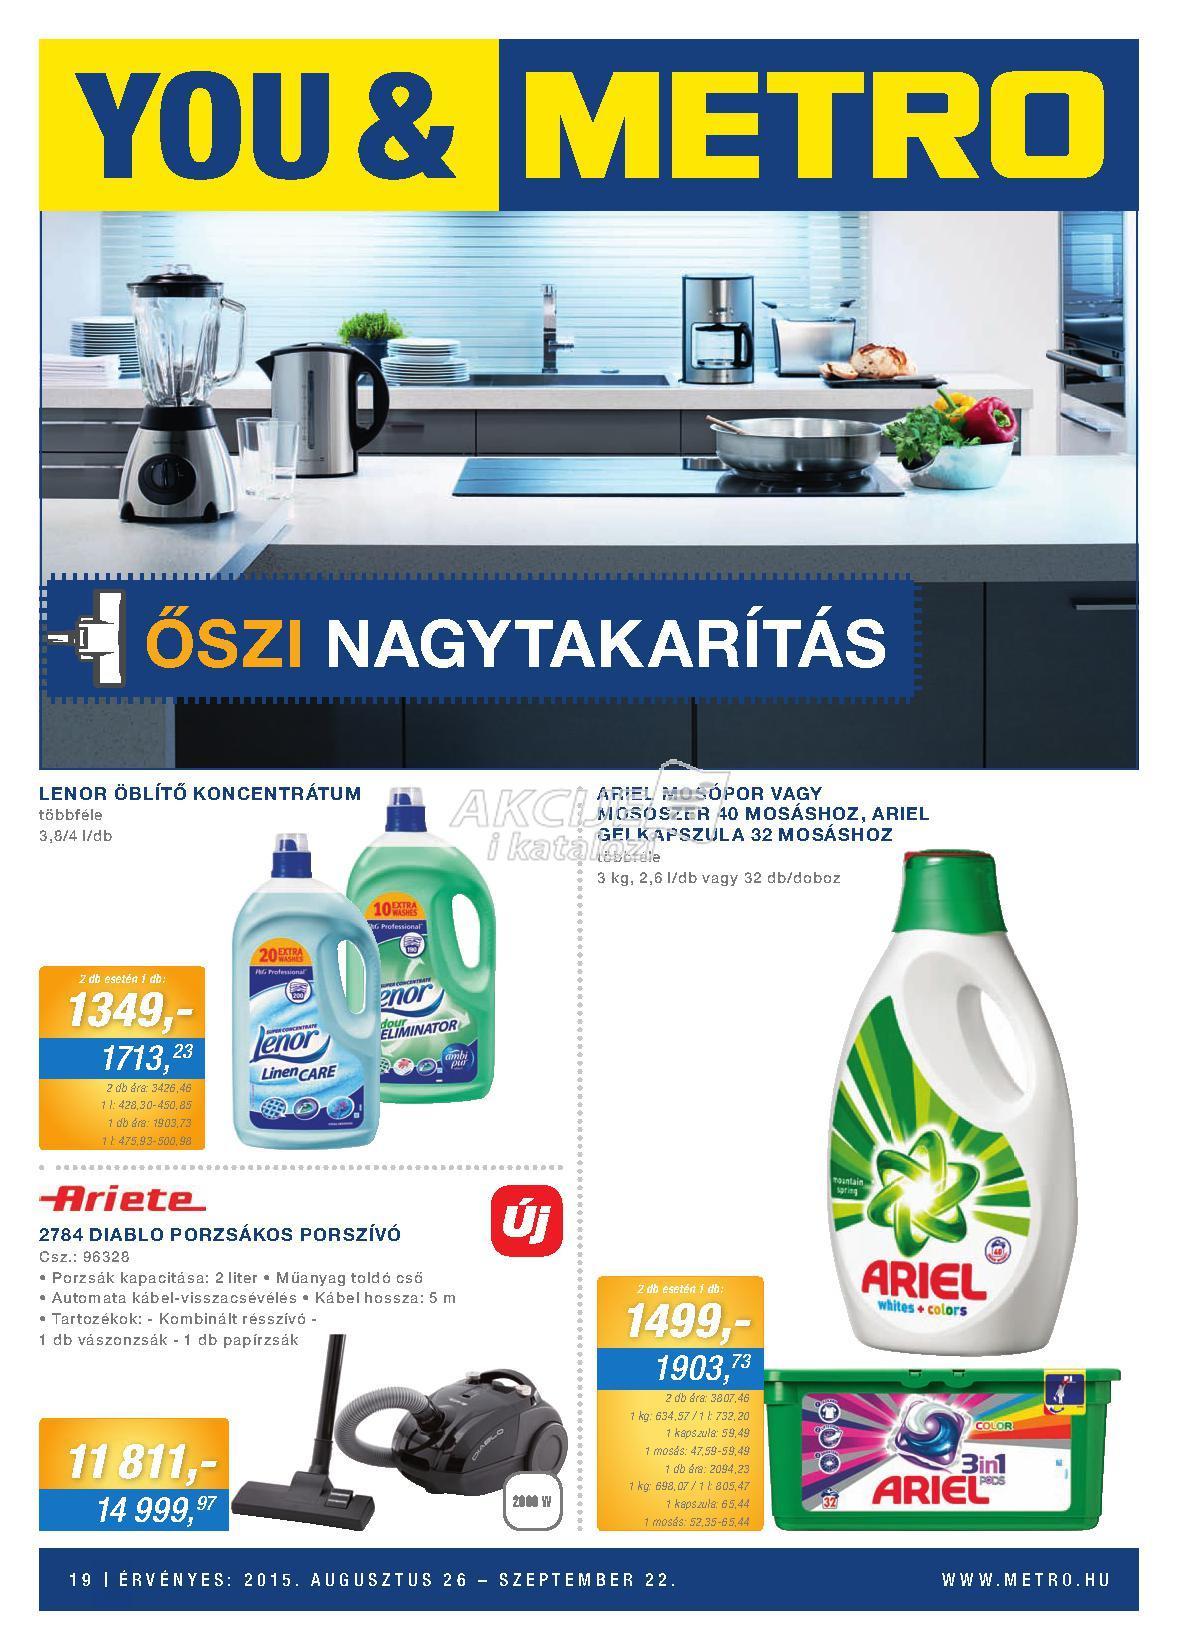 Metro Mađarska akcija kućne hemije